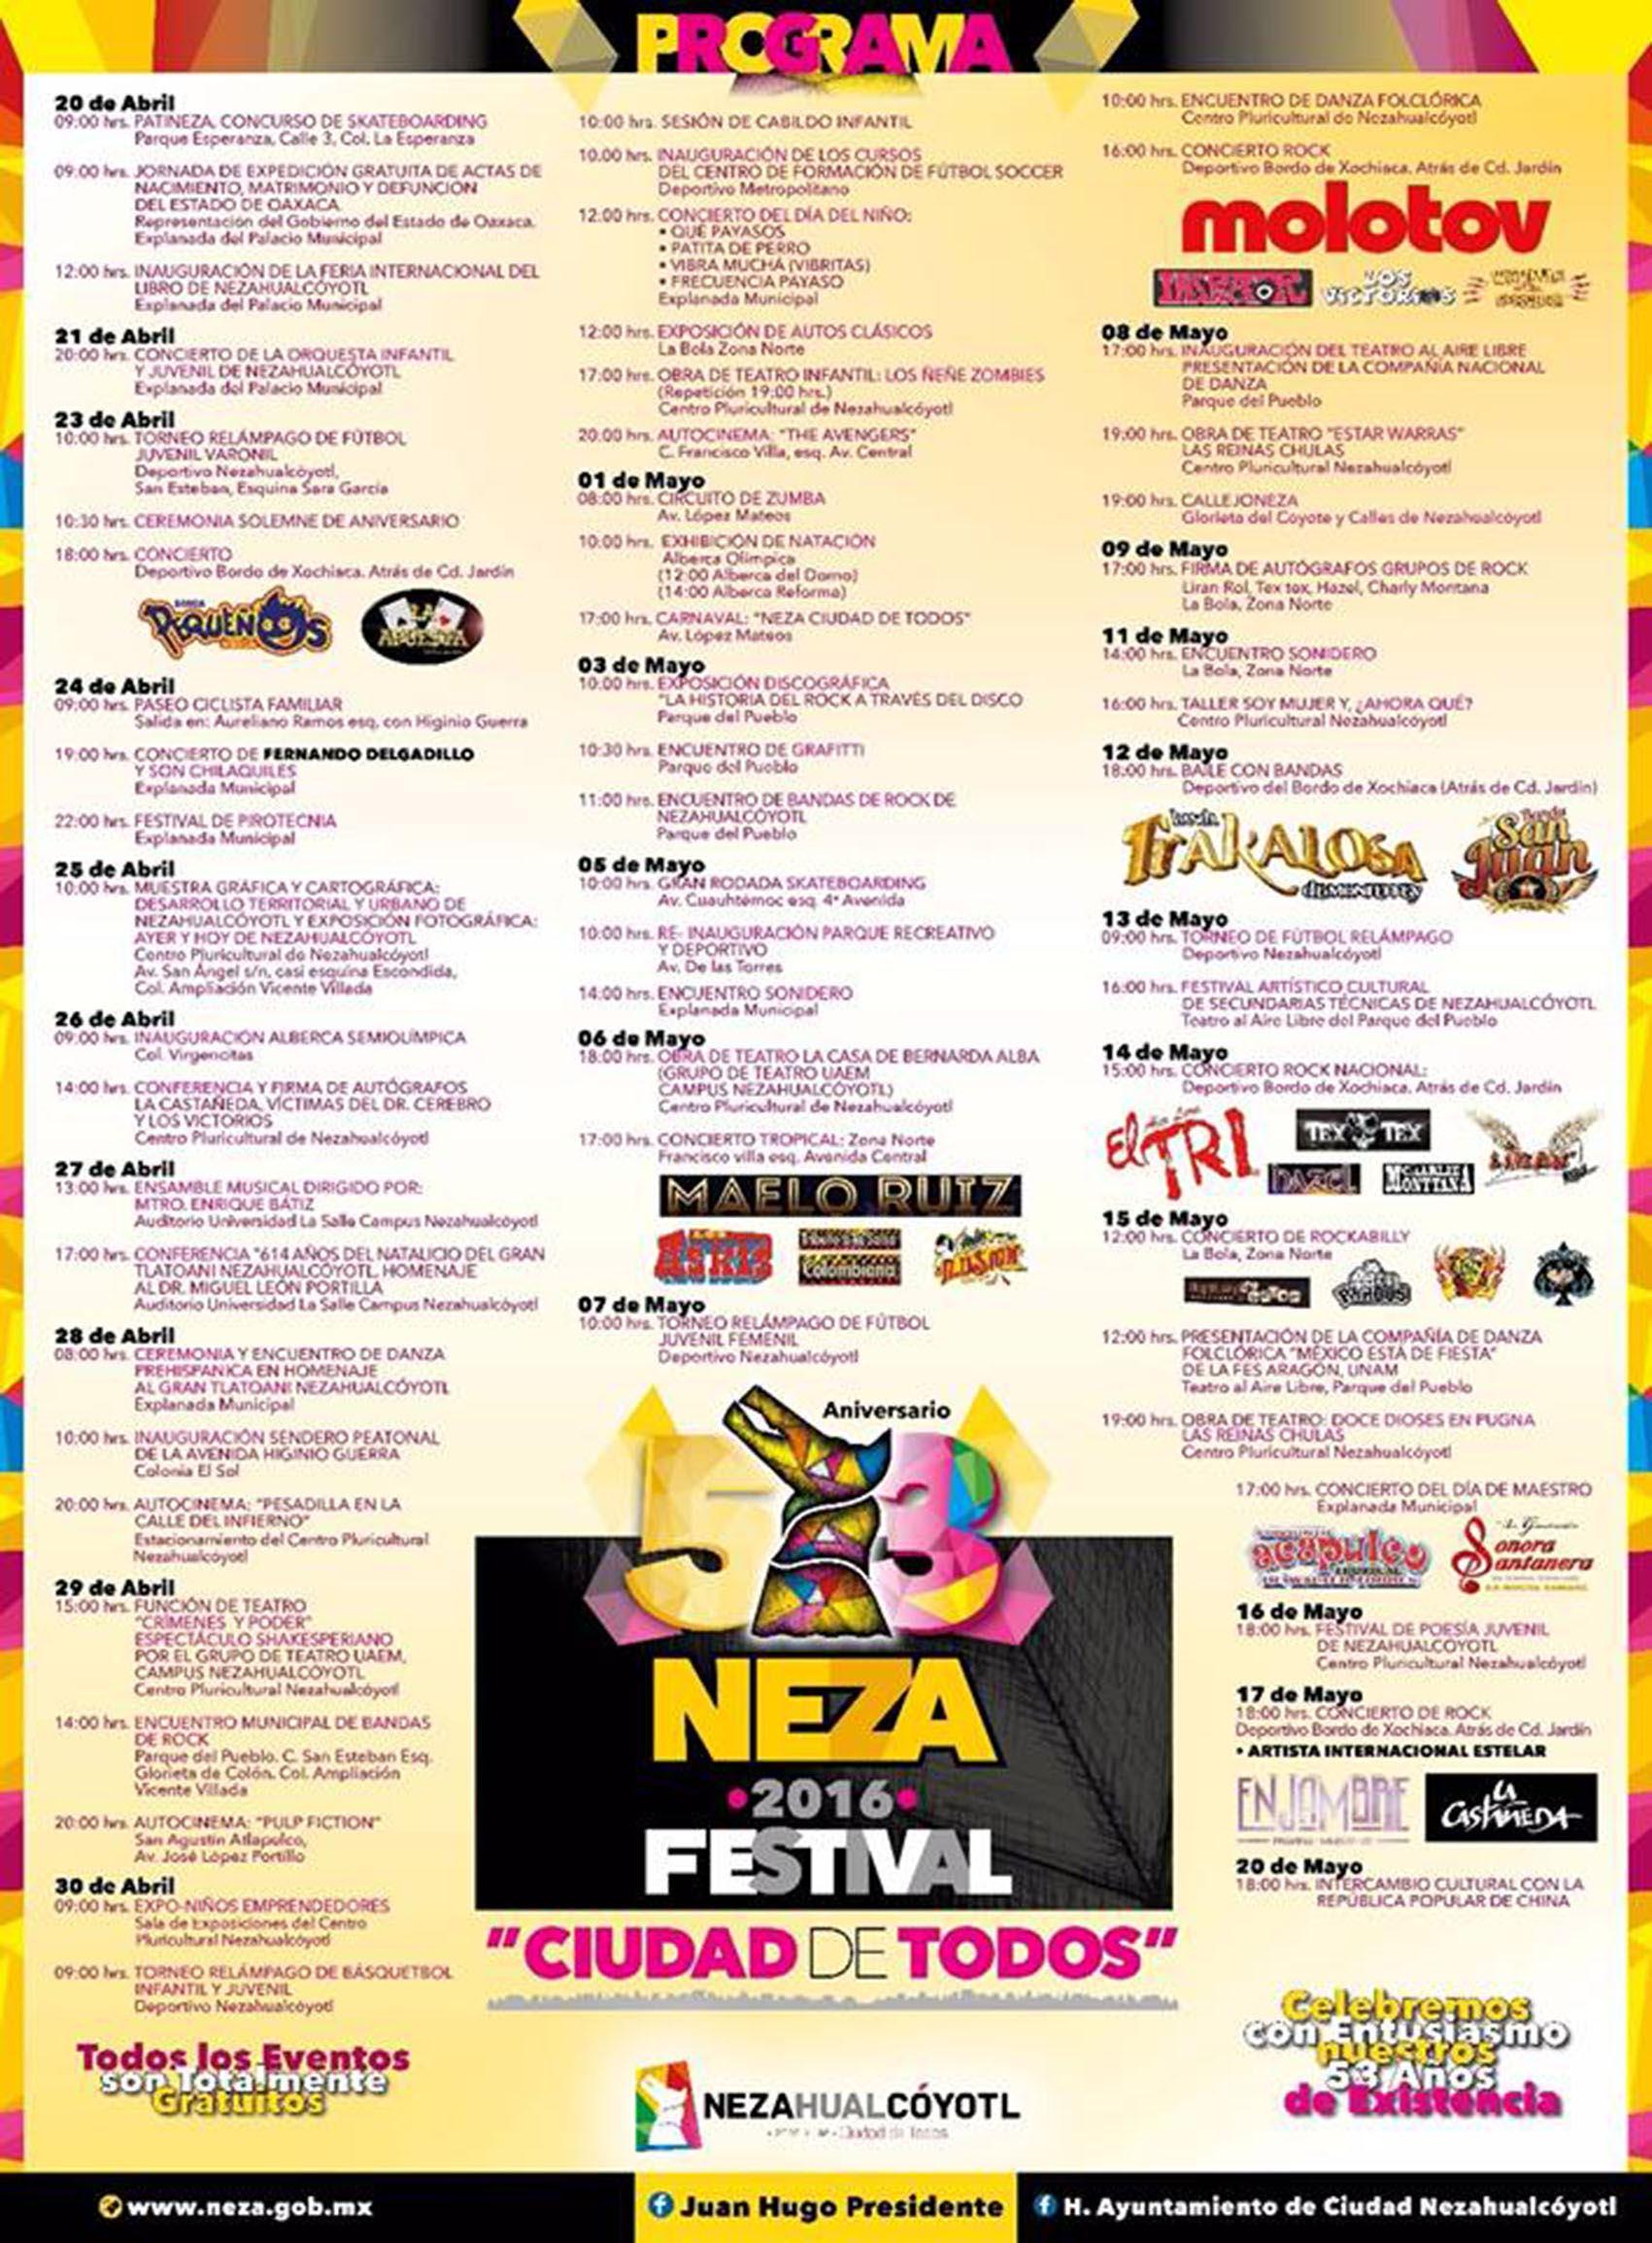 Festival 53 Aniversario Neza: conciertos gratuitos de Enrique Bunbury, Molotov, El Tri y más